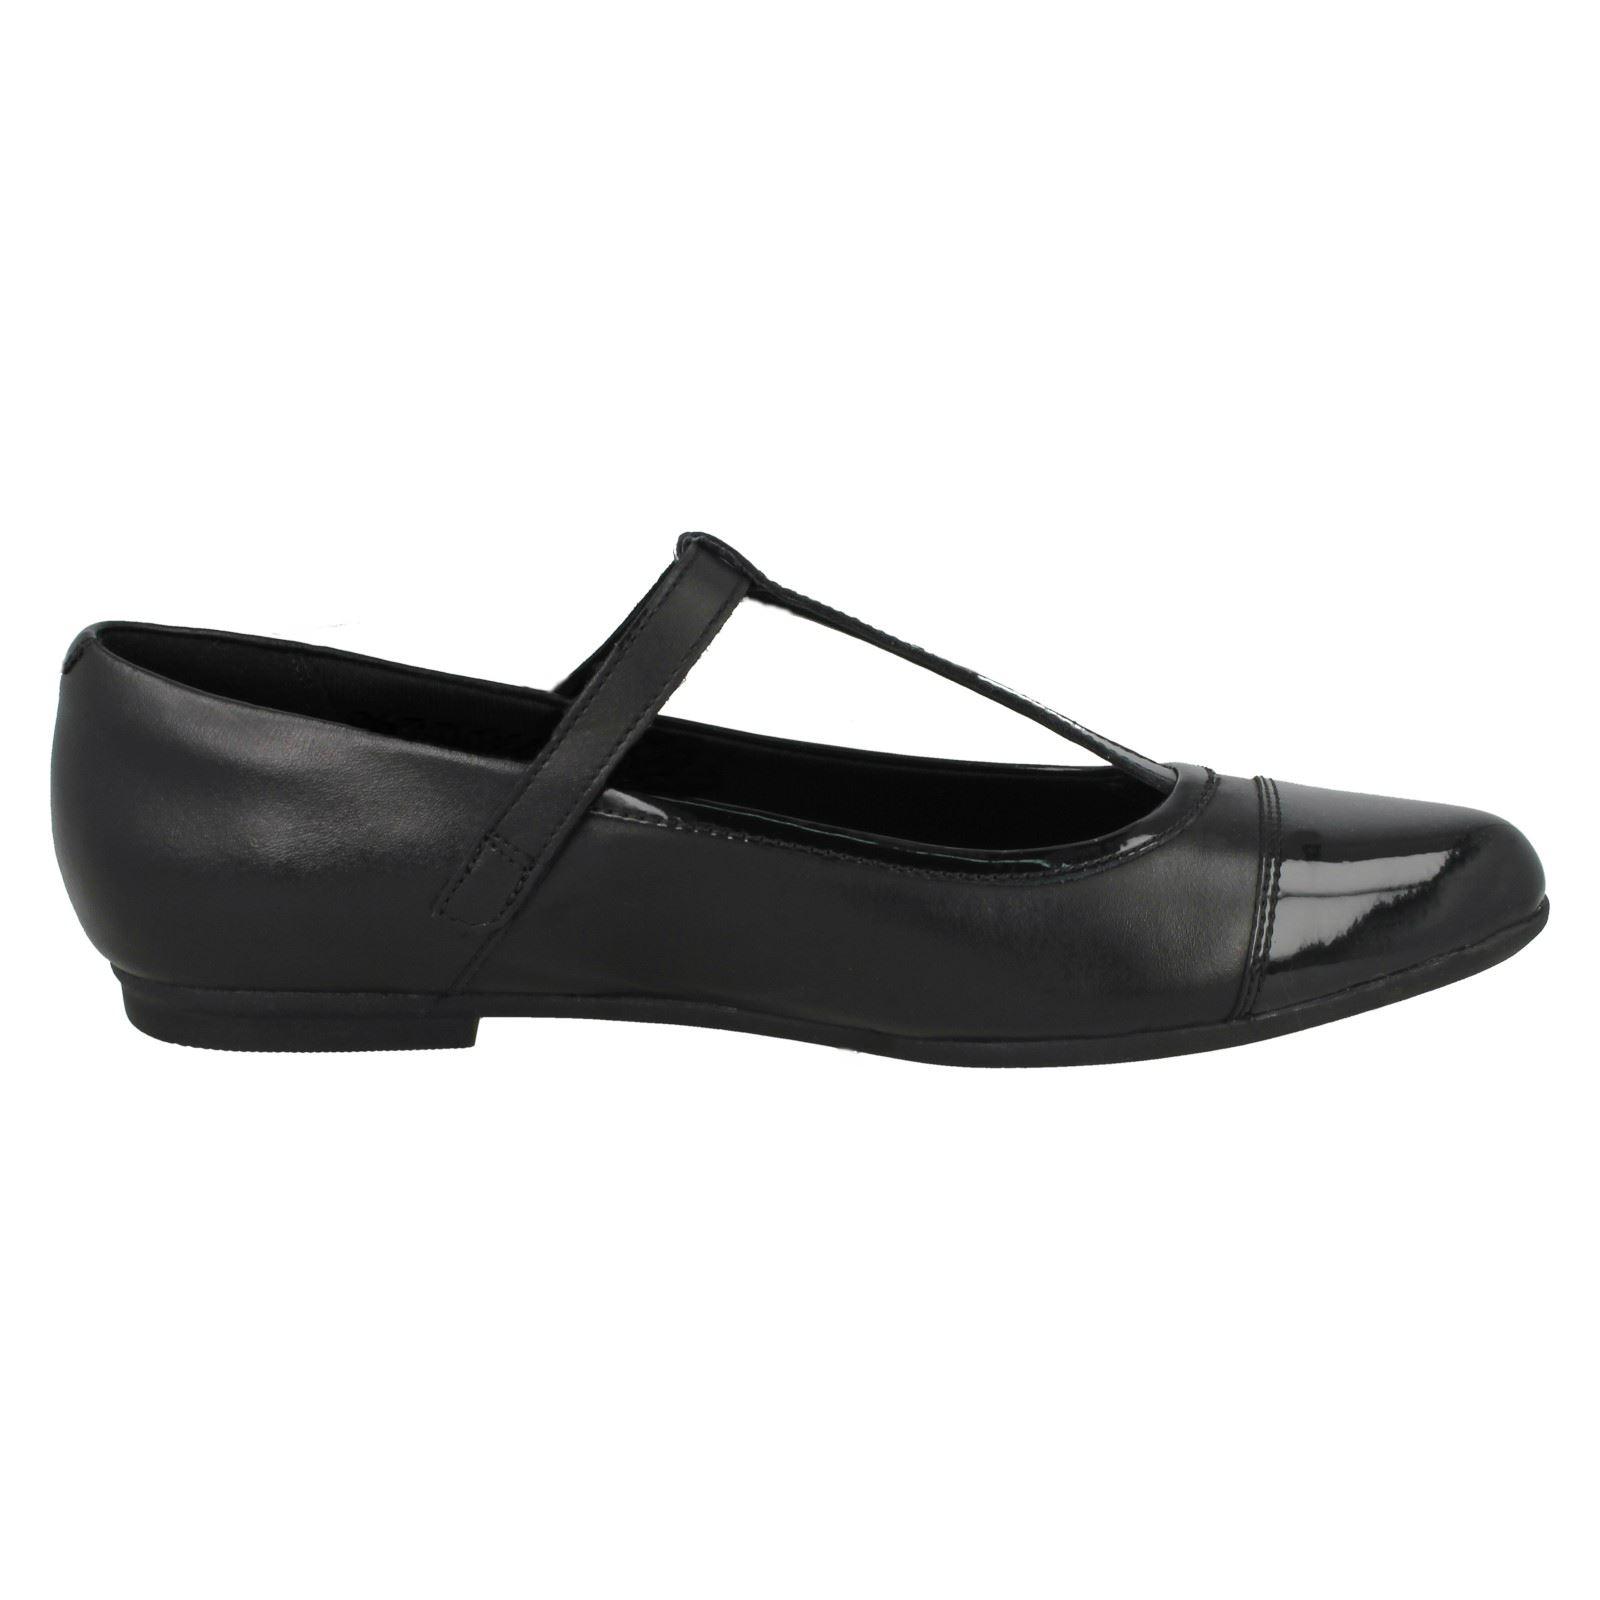 Clarks Shoes Girls Quartz Mist